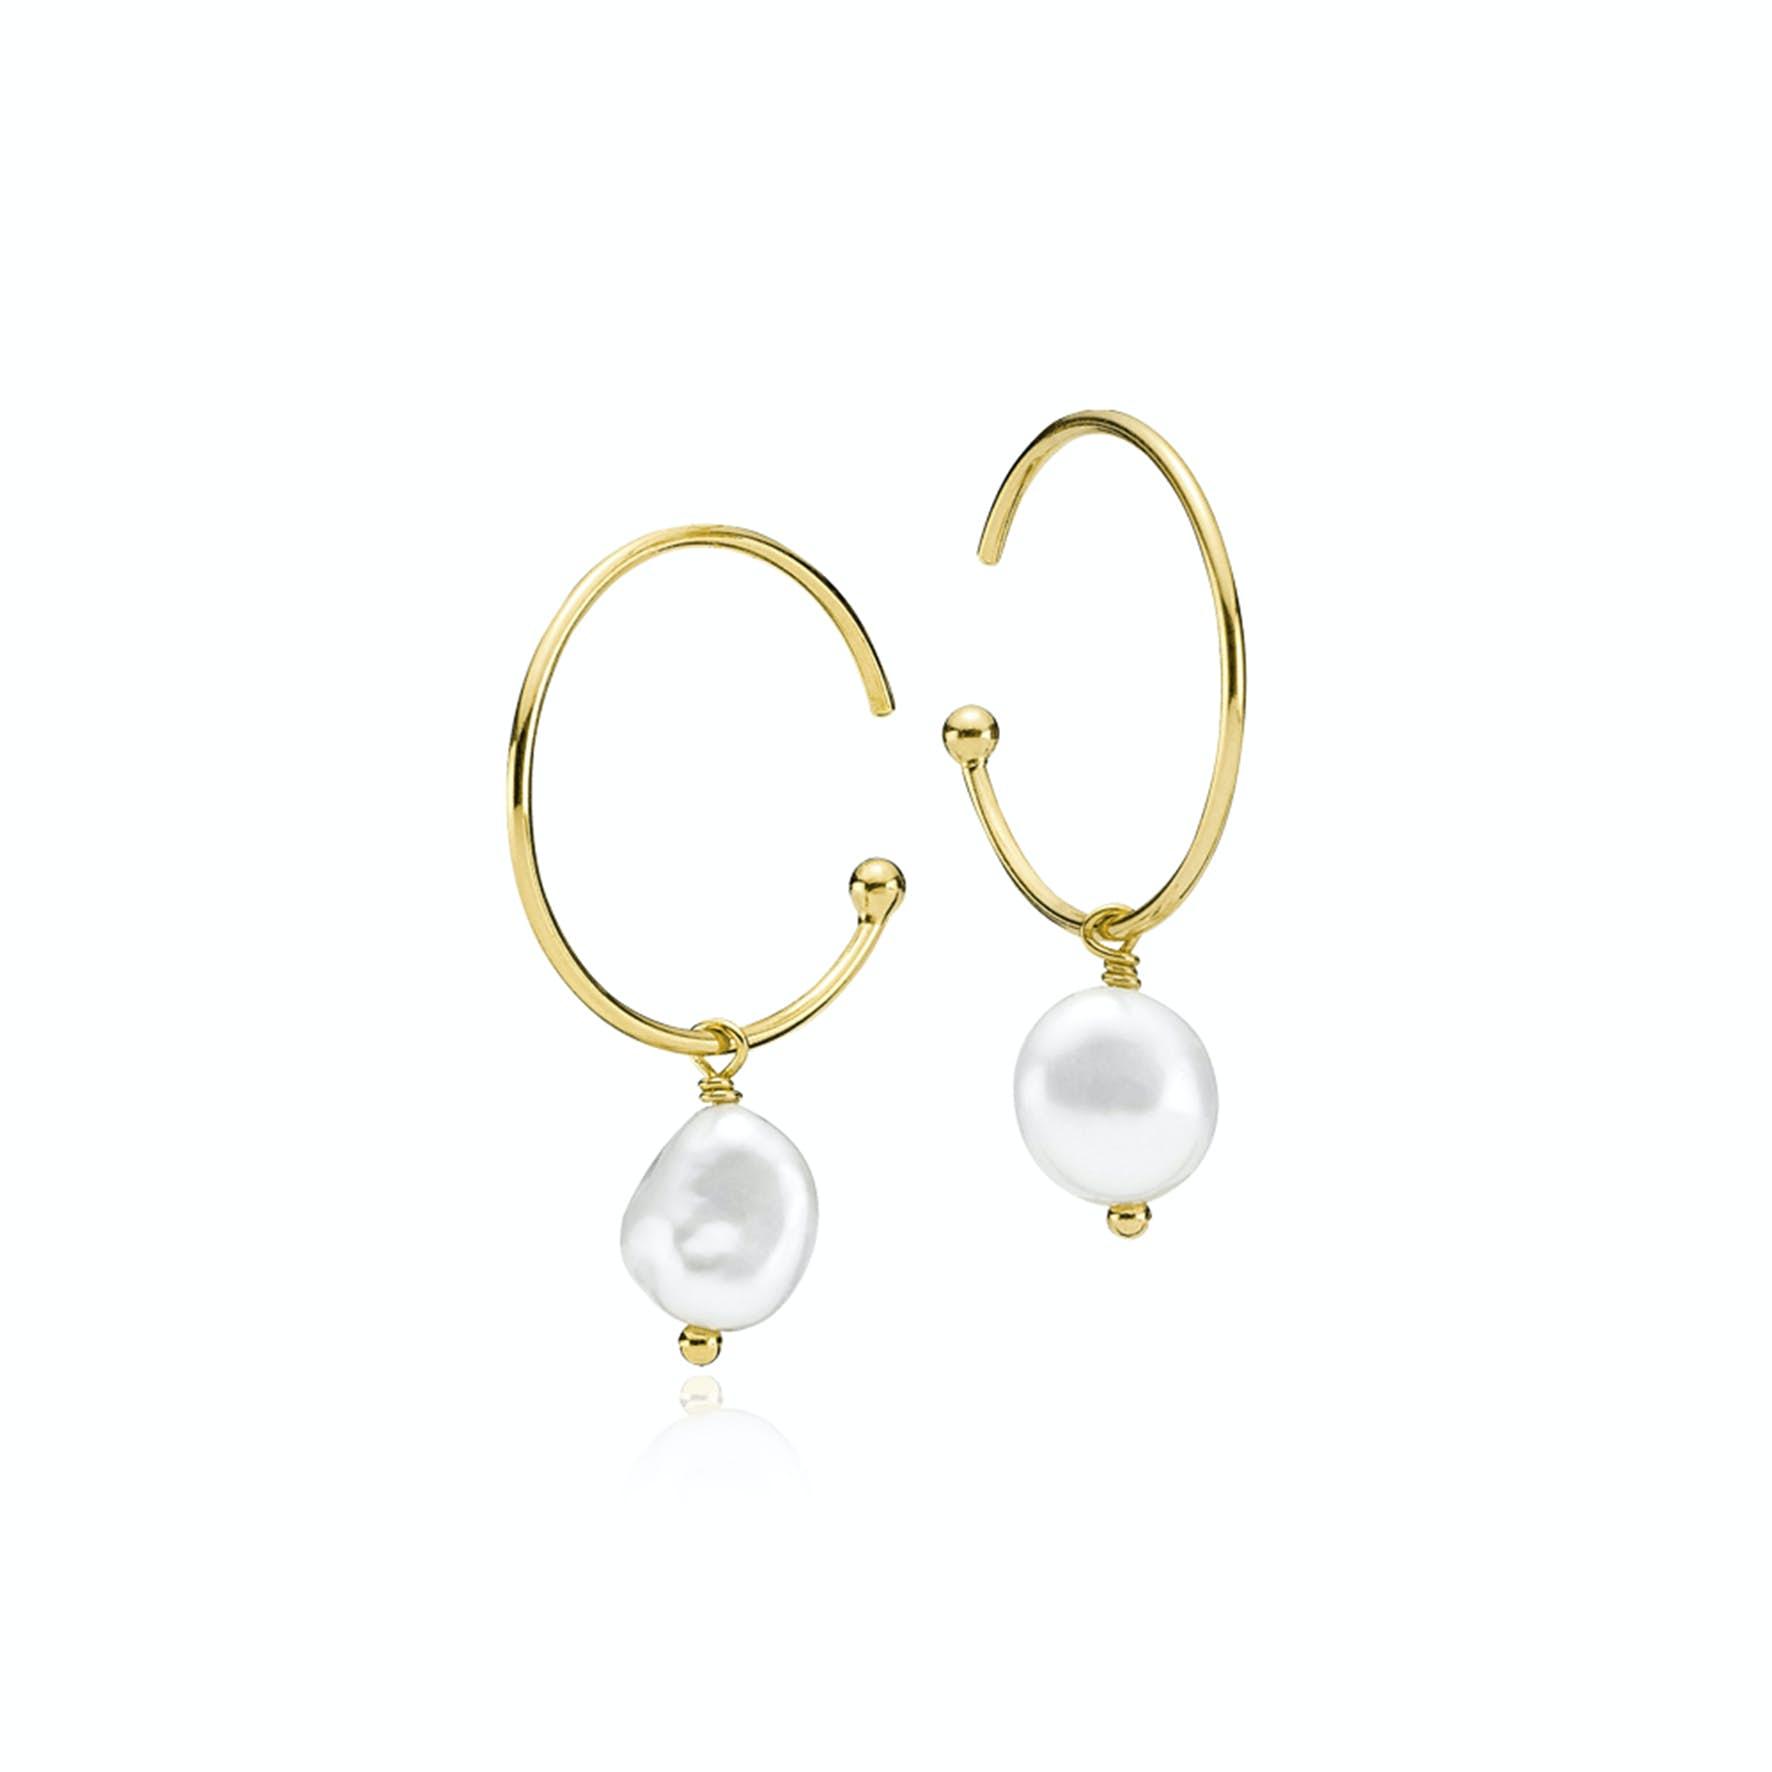 Passion Pearl Earrings fra Izabel Camille i Forgyldt-Sølv Sterling 925